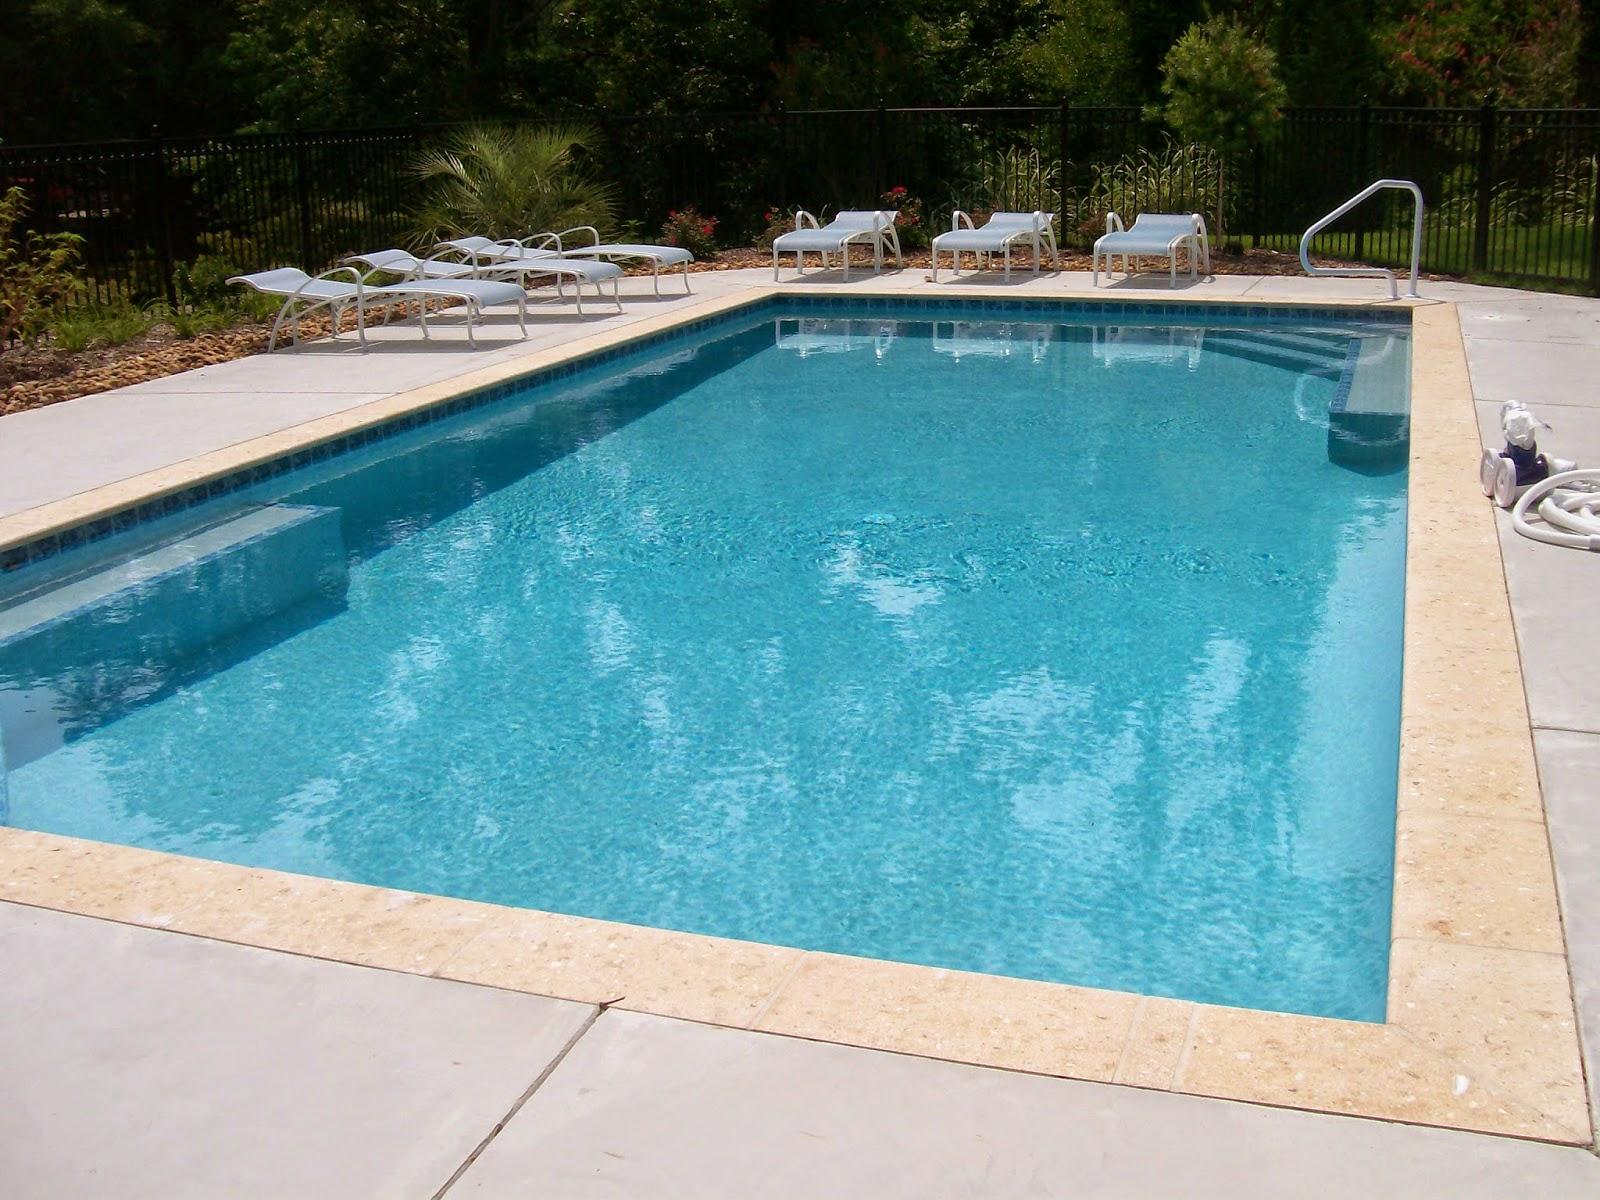 بالصور حمامات سباحة جديدة , احدث انواع حمامات السباحة 9108 8